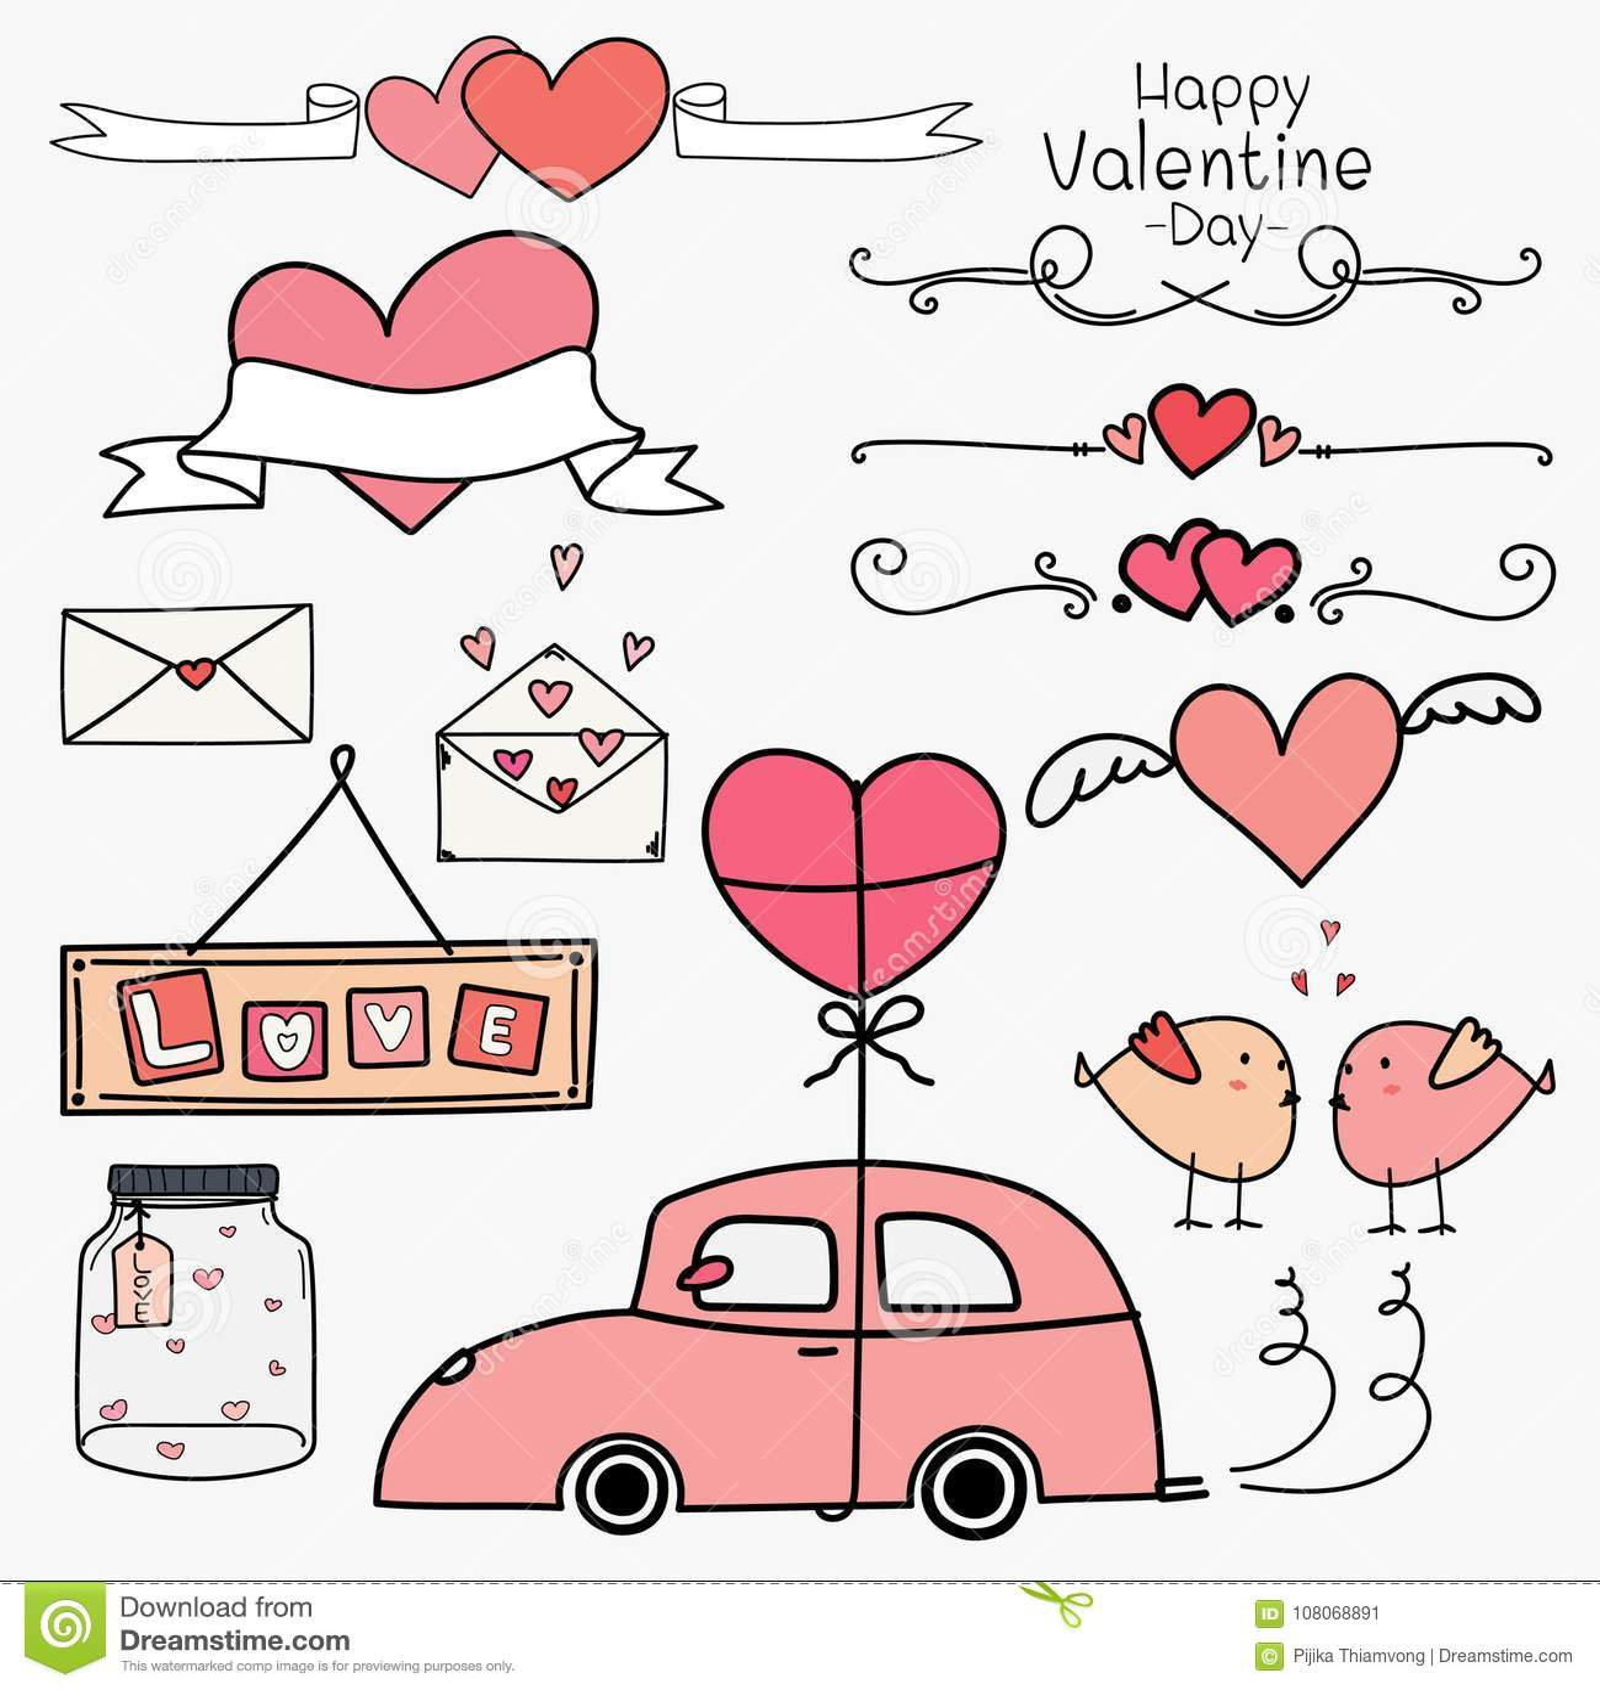 De gelukkige dag van de Valentijnskaart Reeks van de Elementen Roze Concept van Krabbelvalentine day ornaments and decorative